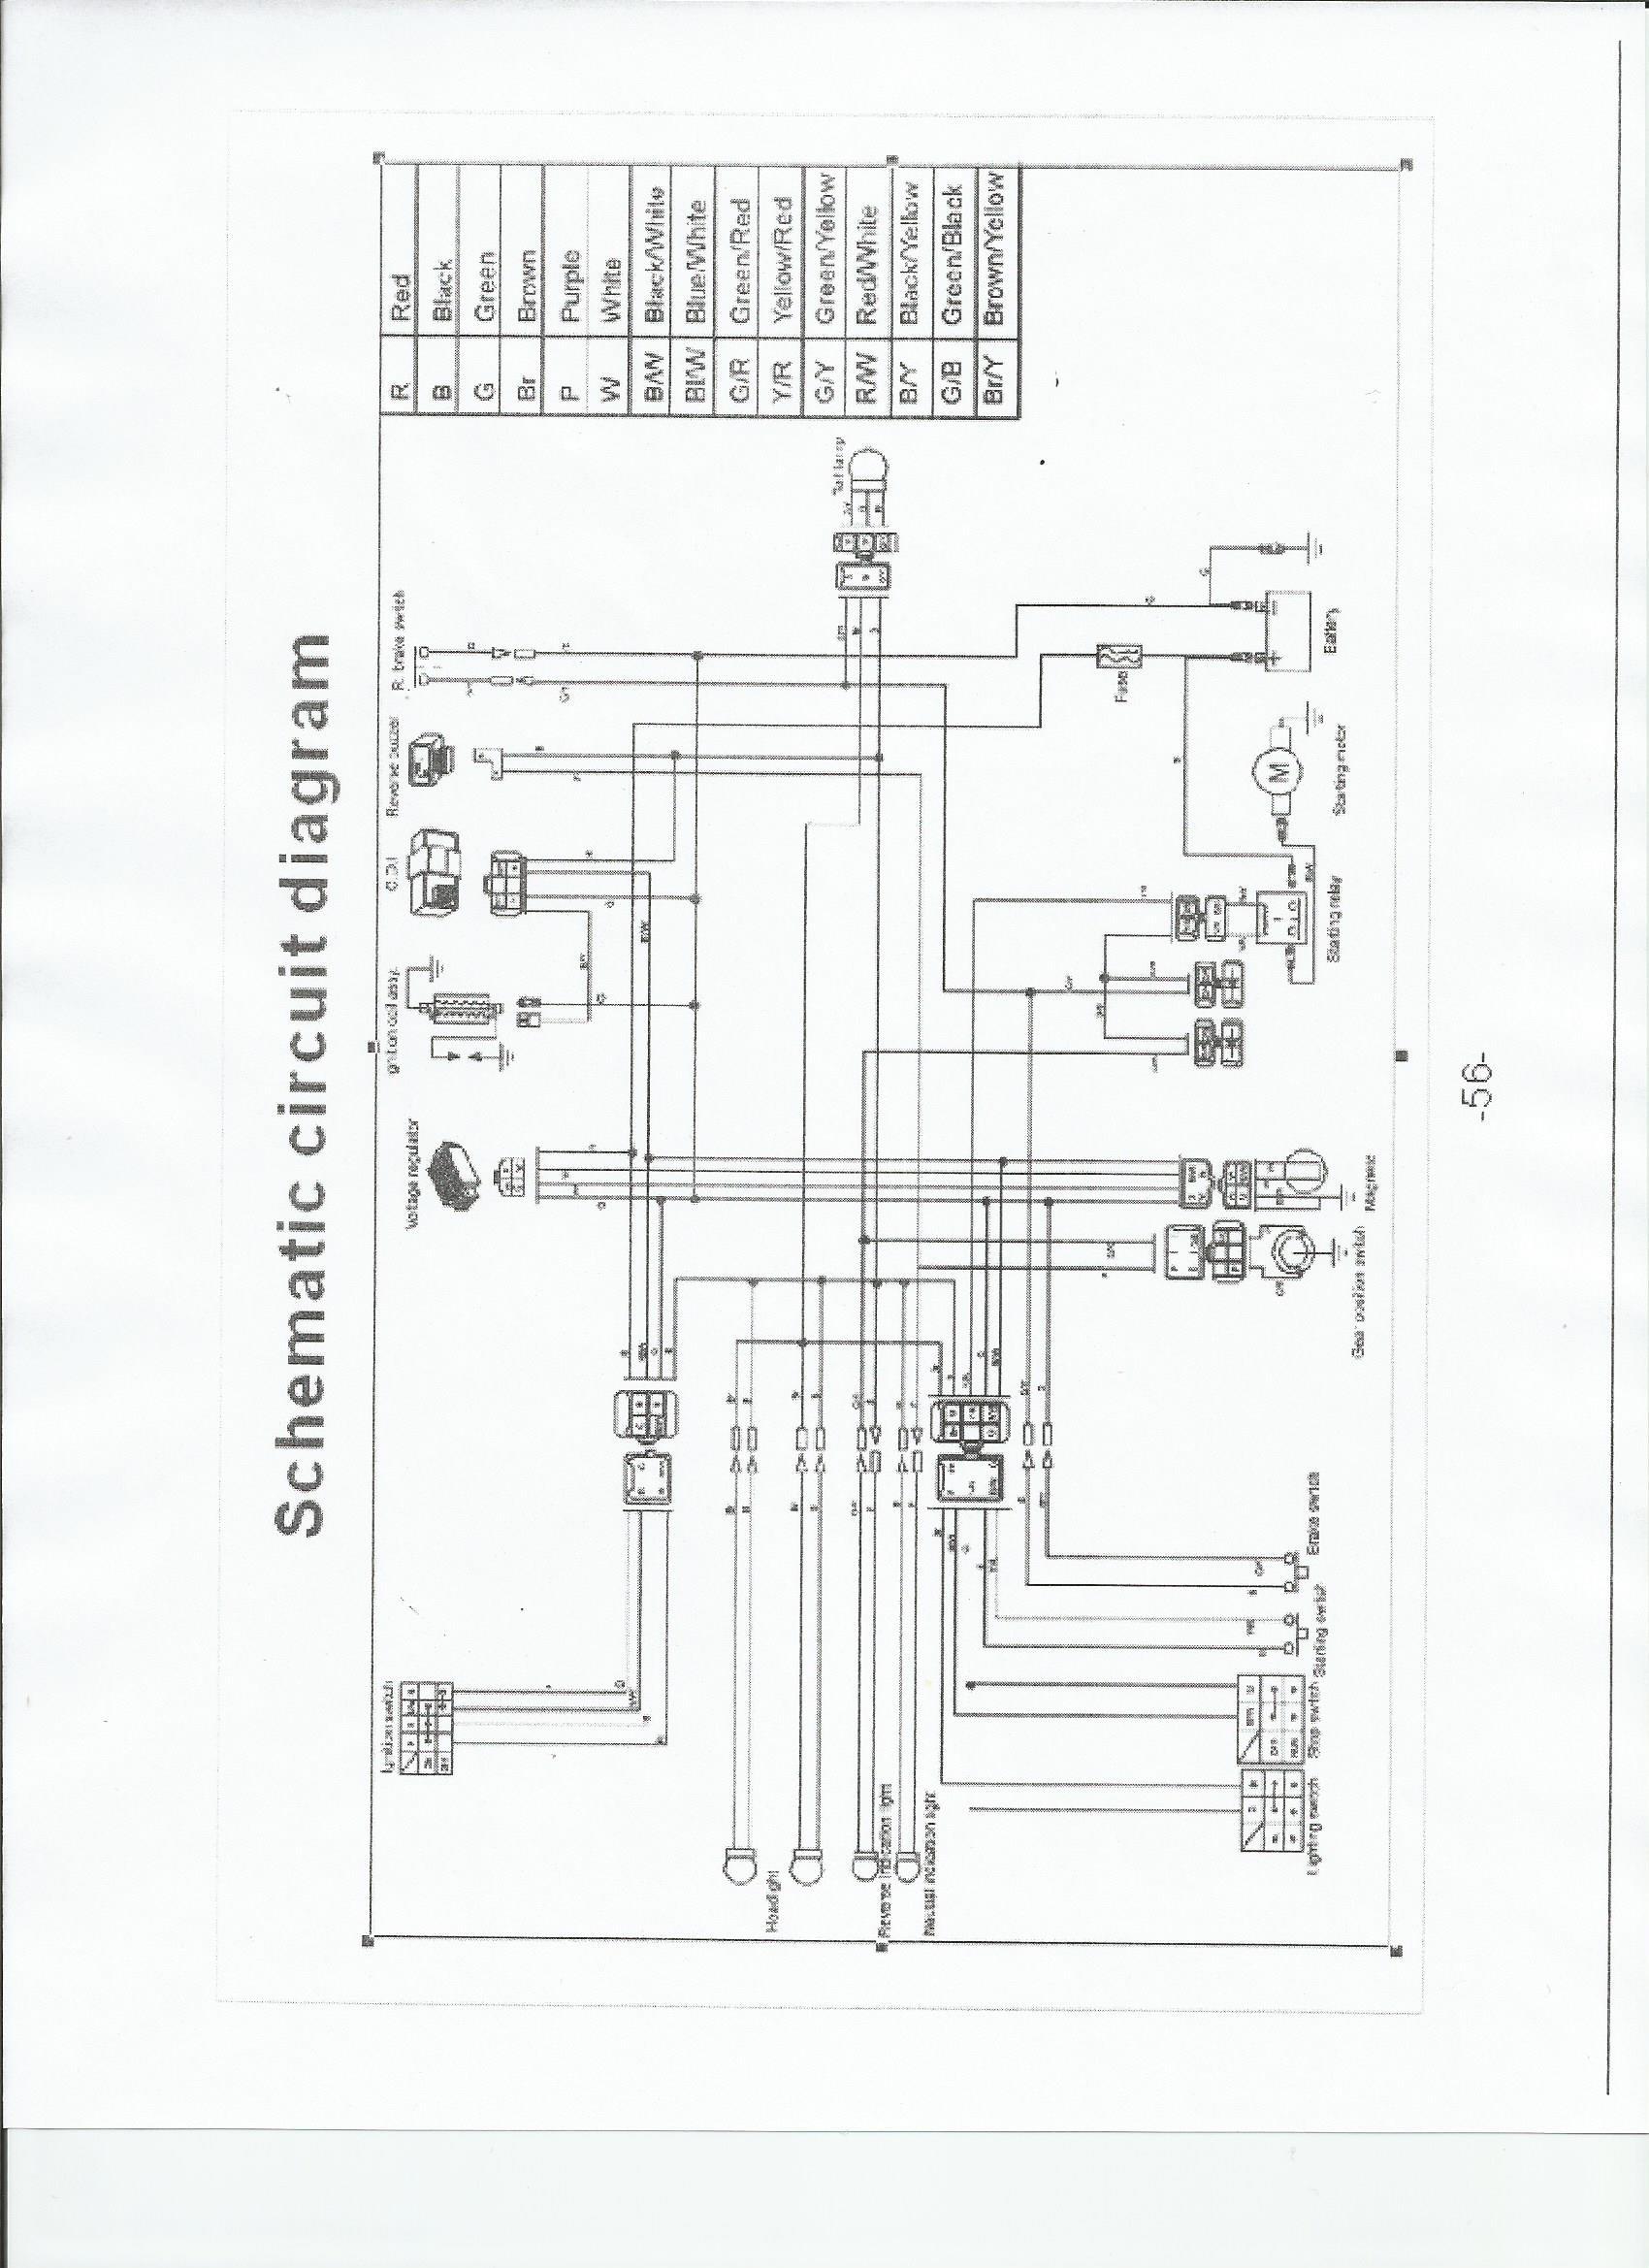 Wiring Manual PDF: 110 Cc Wiring Diagram